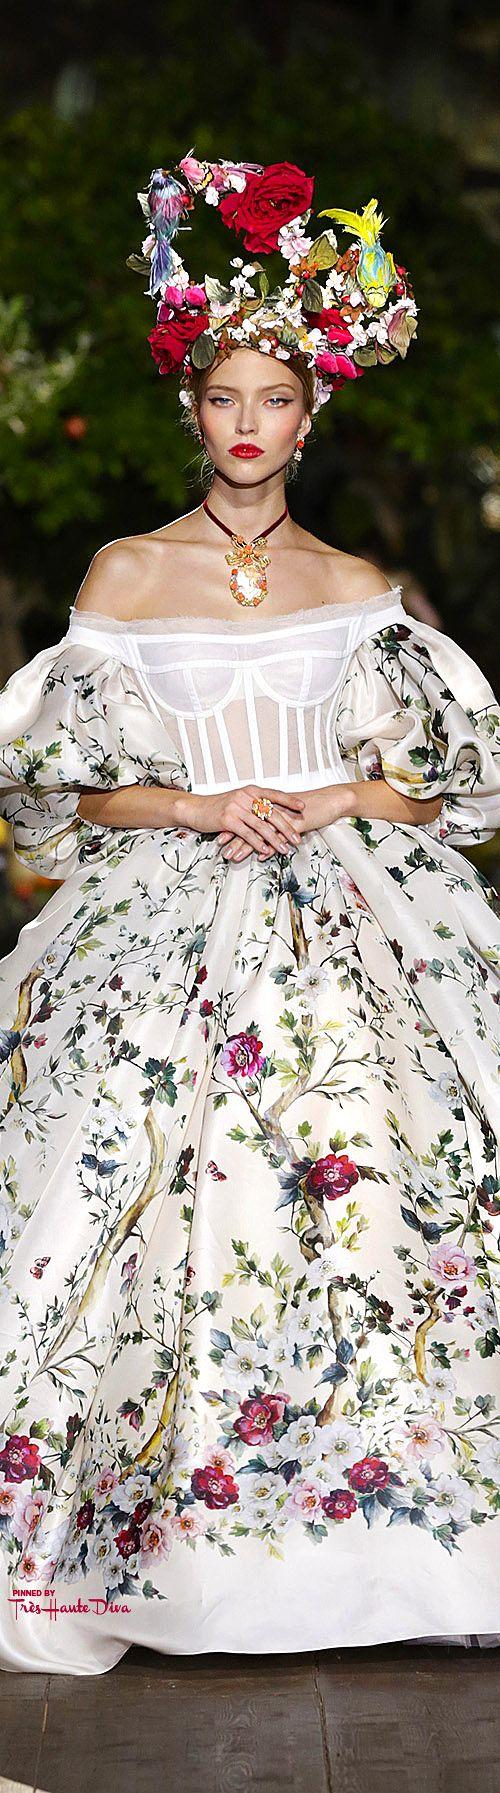 Très Haute Diva ♔ Dolce & Gabbana Alta Moda Fall/Winter 2015-16 #Portofino  Os temas da natureza eram muito utilizados no período do rococó. Era comum fazer imensos penteados com adornos